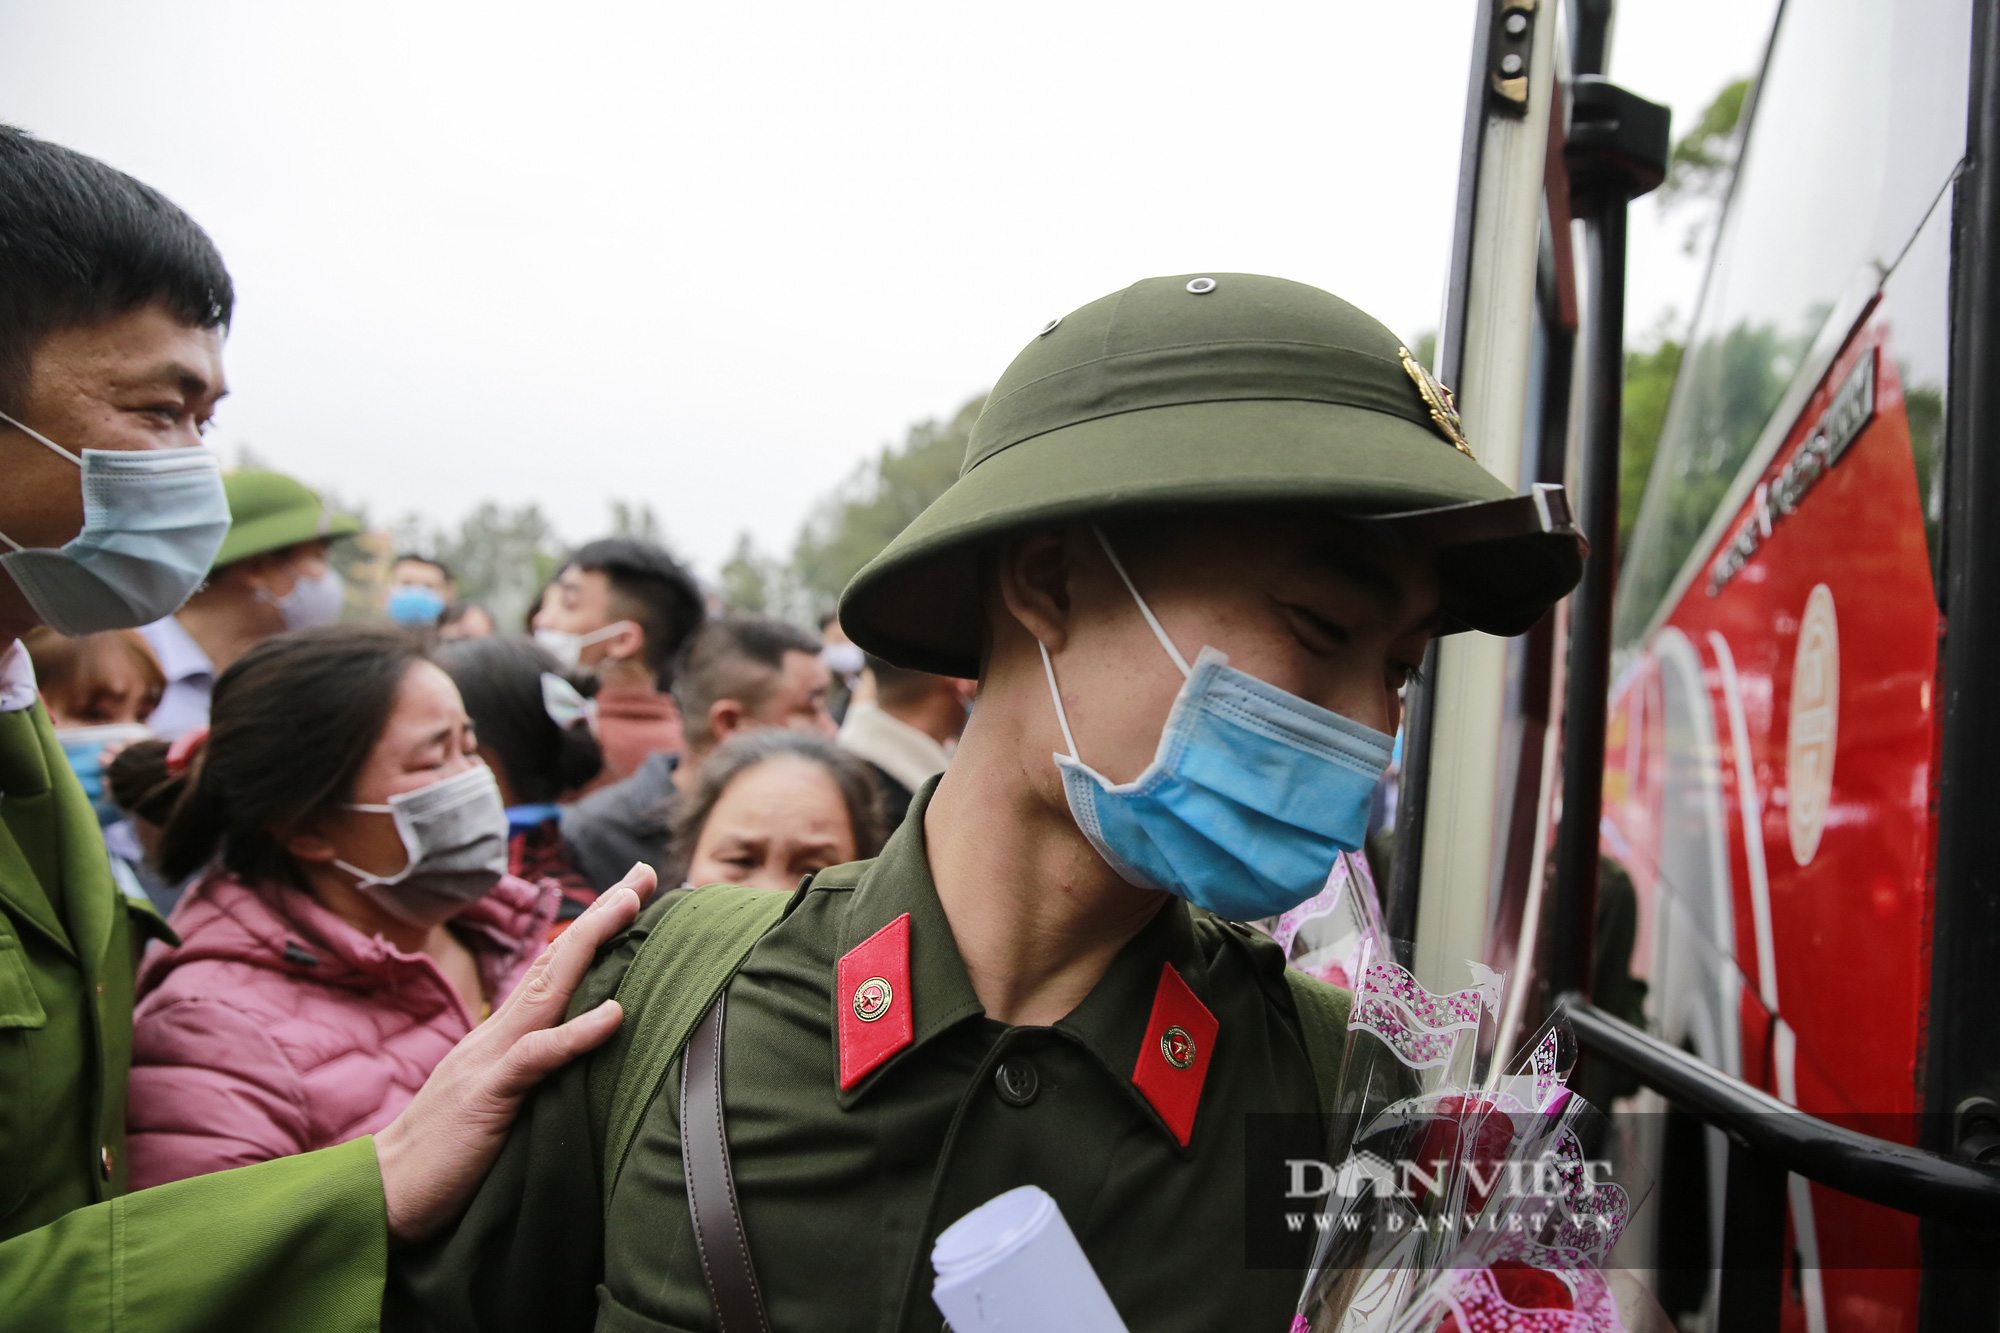 Khoảnh khắc xúc động ngày thanh niên Hà Nội lên đường thực hiện nghĩa vụ quân sự - Ảnh 6.